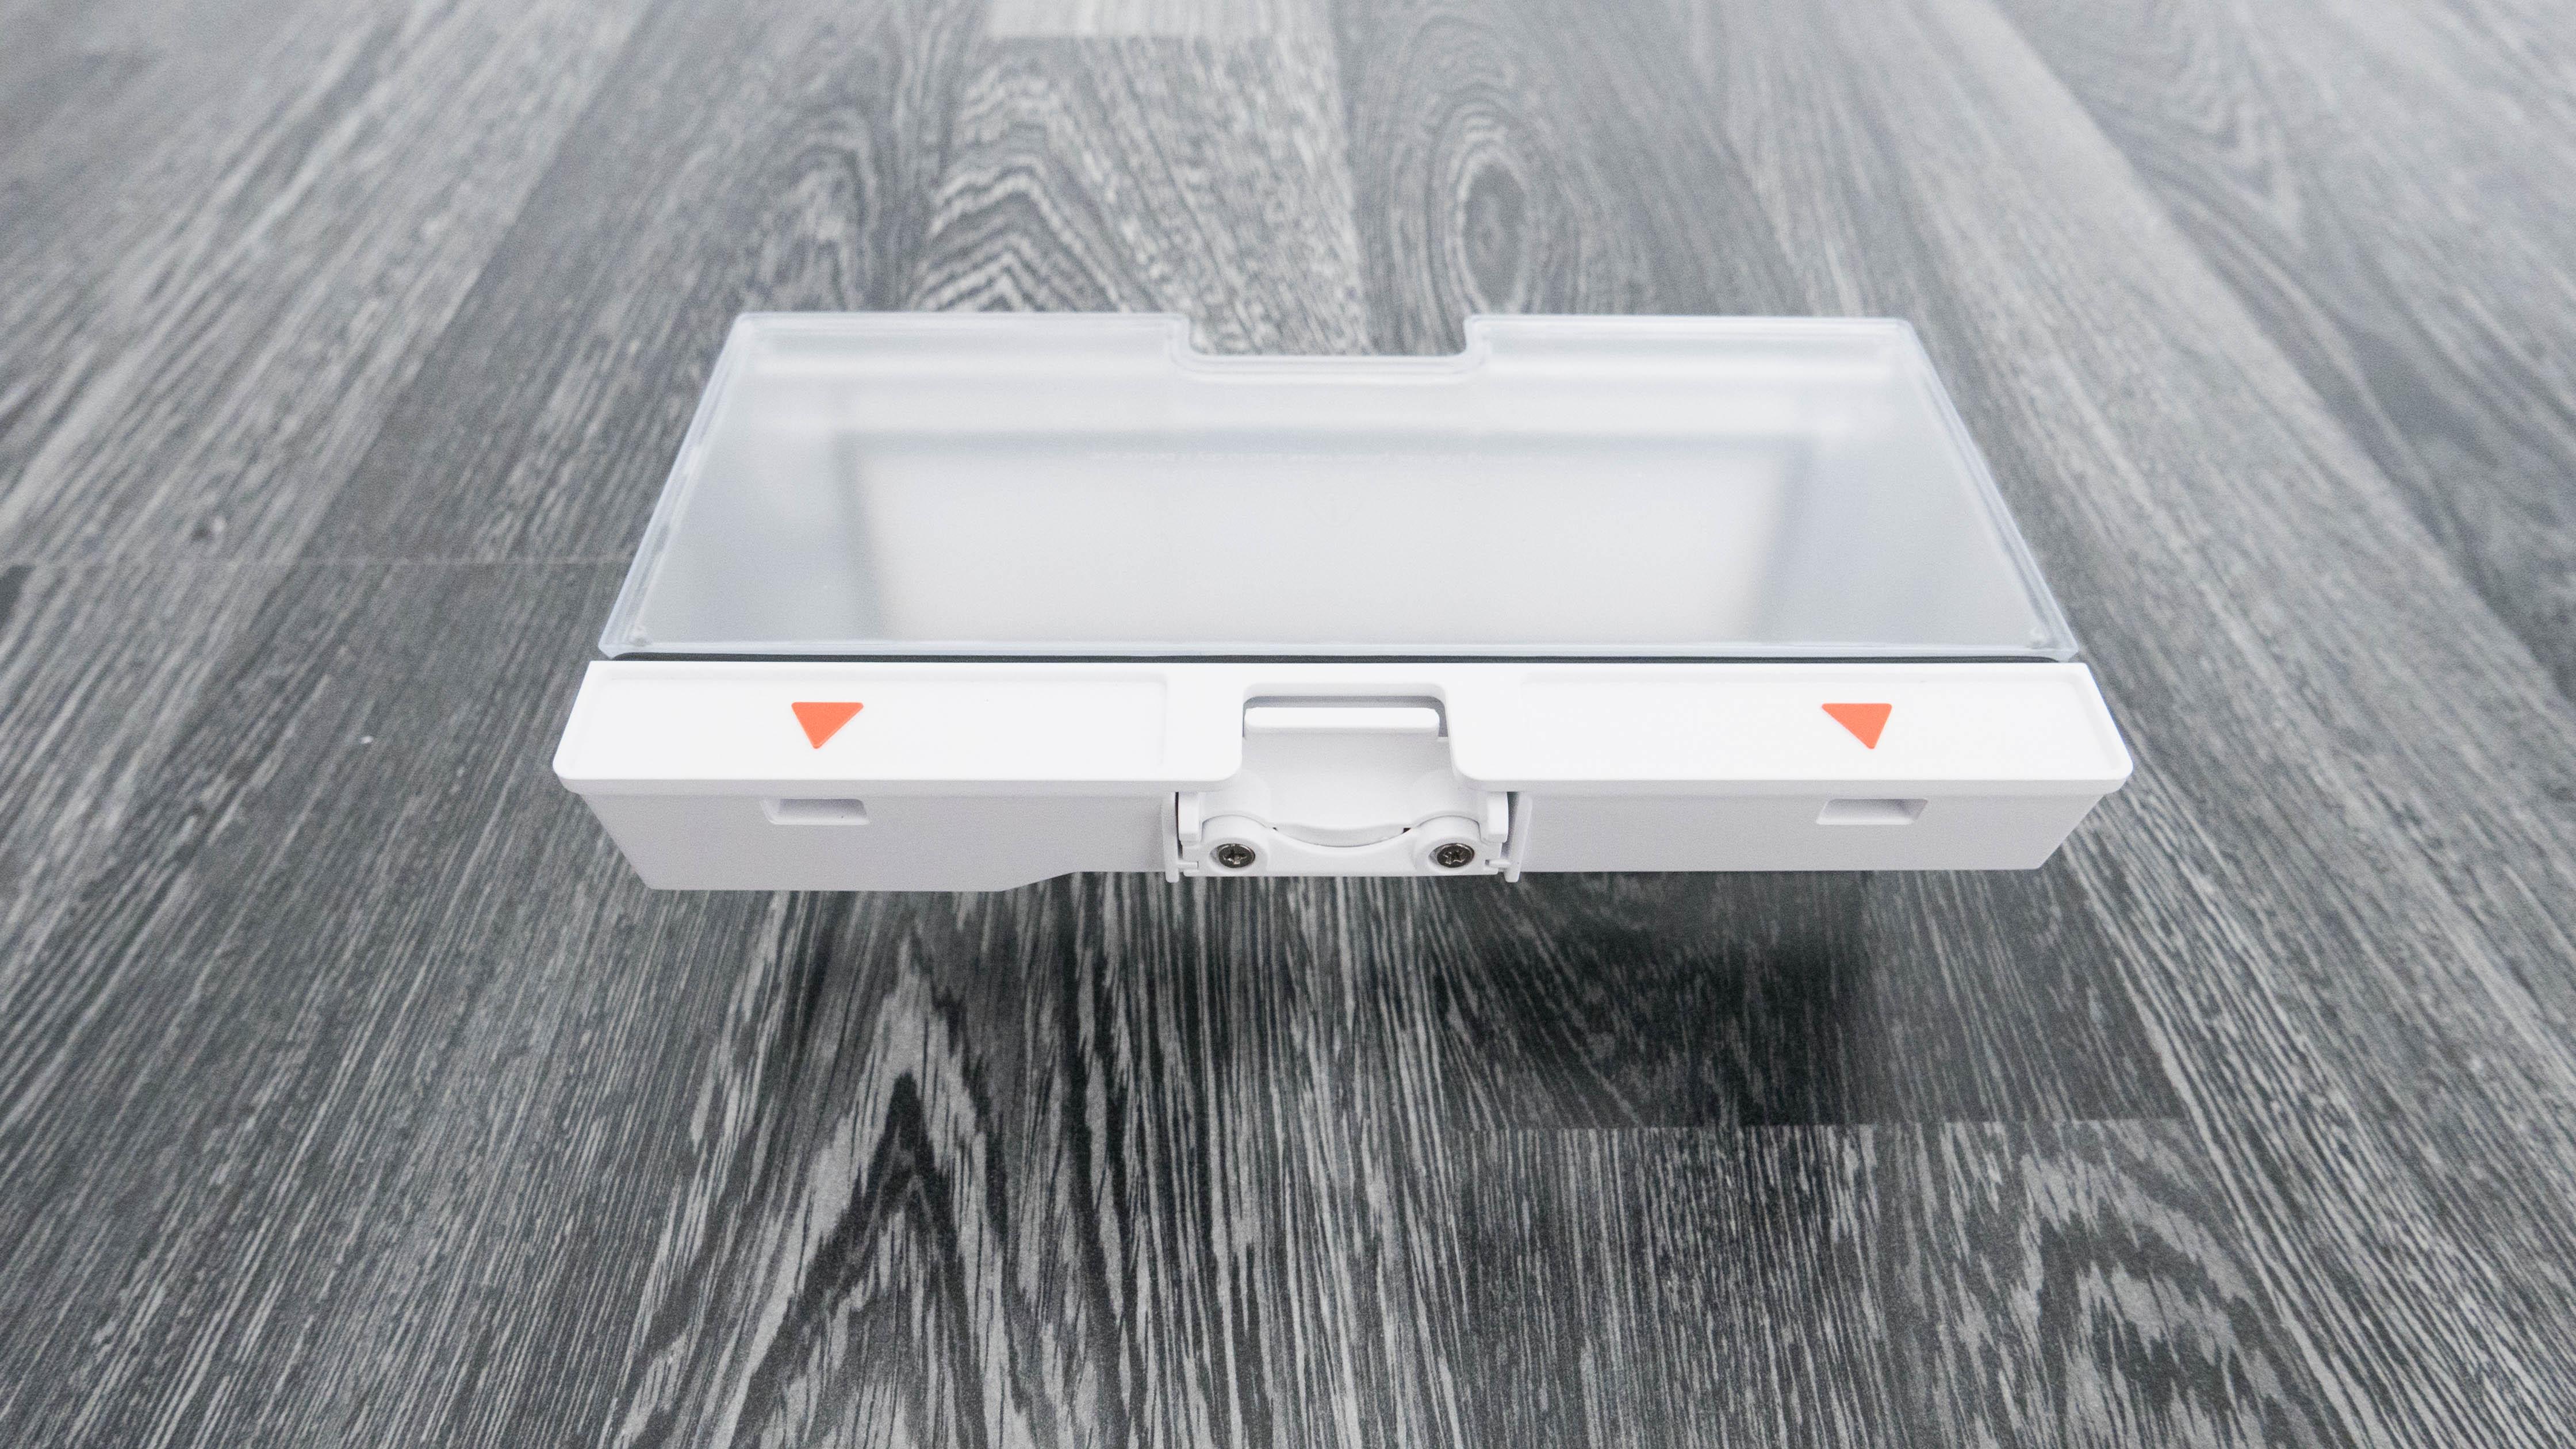 Xiaomi Mi Robot 2 Staubbehälter 4